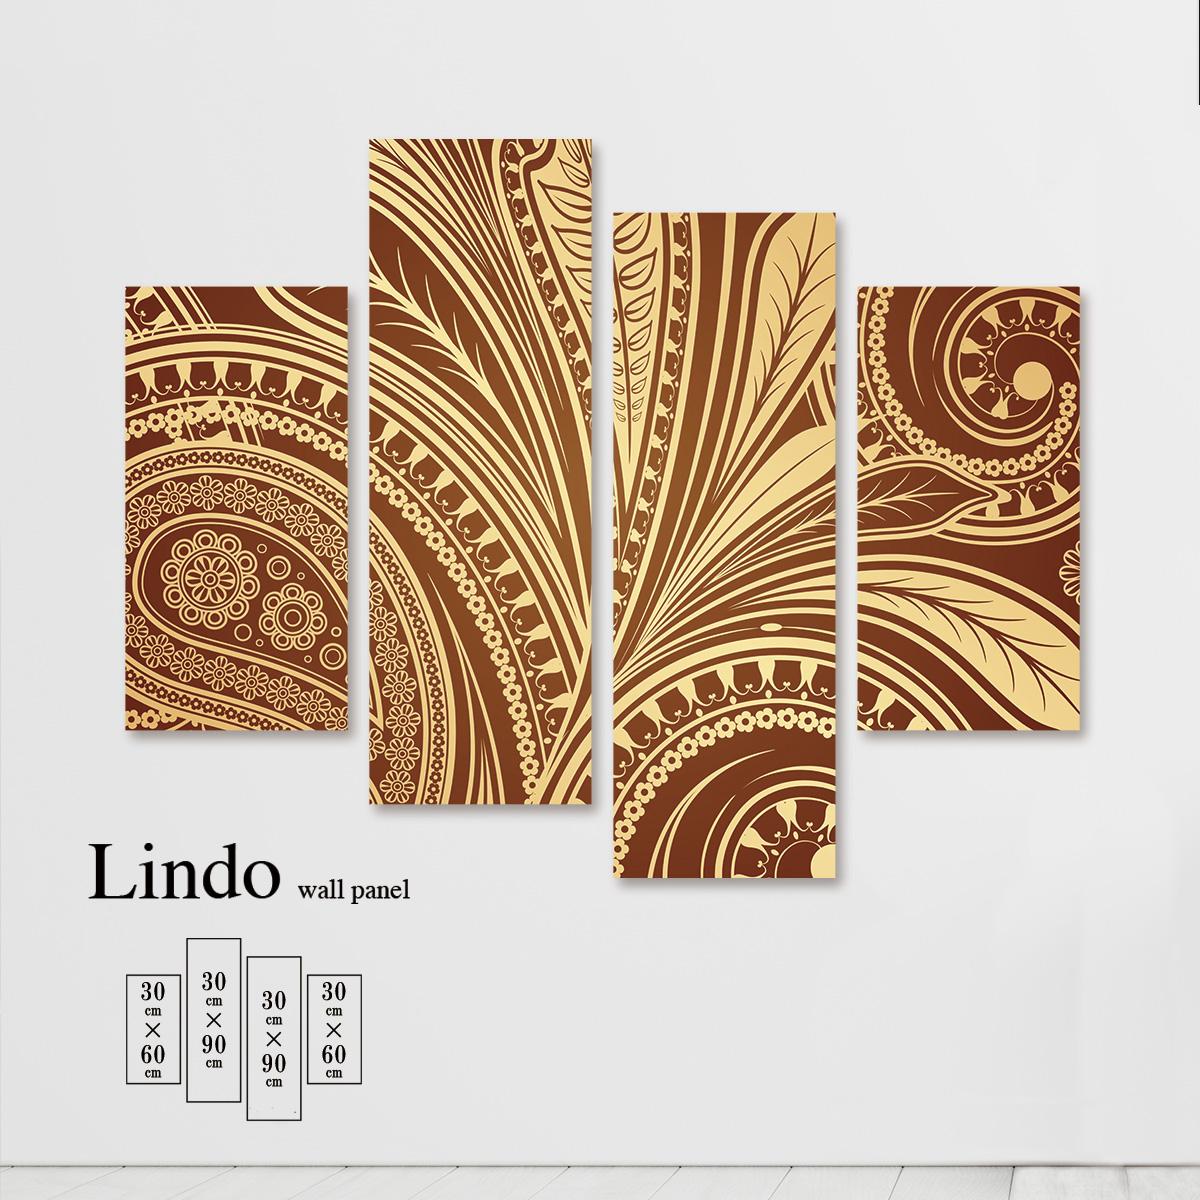 アートパネル ペイズリー 柄 パターン 幾何柄 模様 ブラウン かっこいい 壁掛け 北欧 お洒落 デザイン ファブリック 壁飾り アートボード 4枚パネル